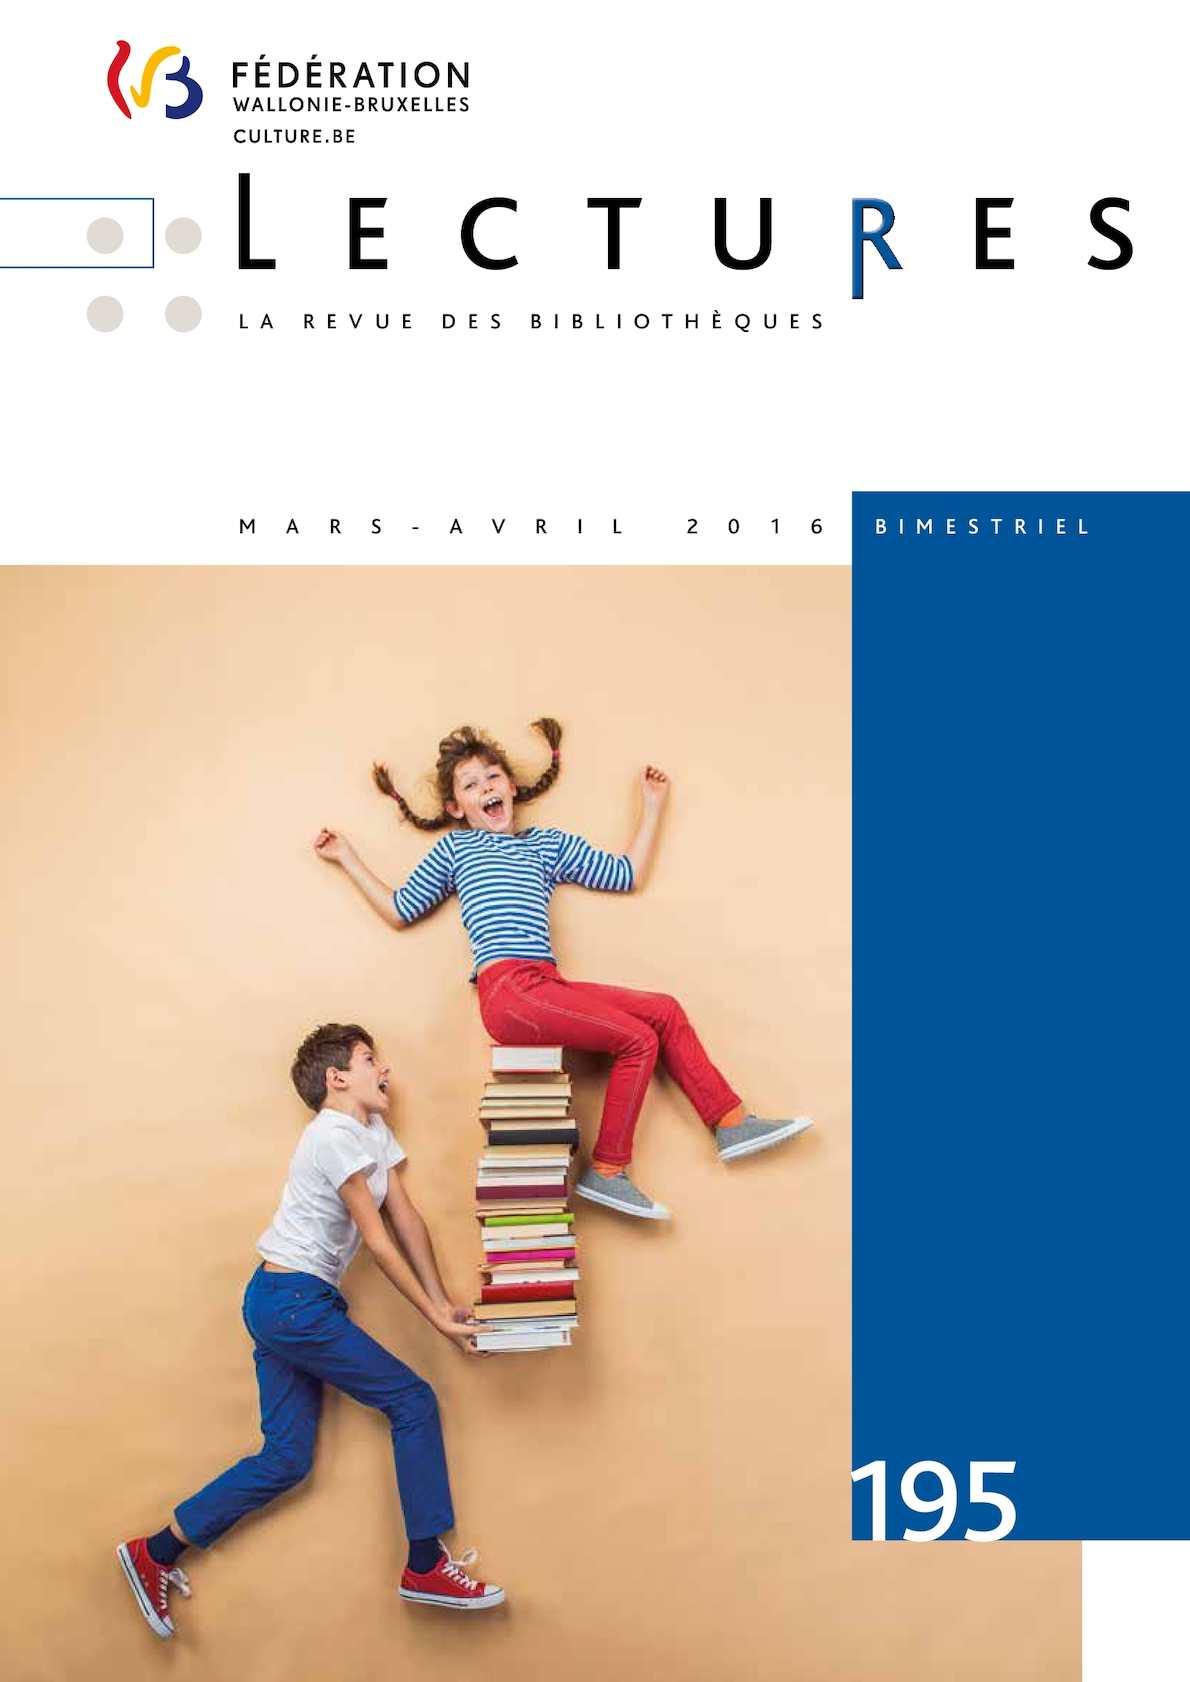 Livre en tissu pour enfants B/éb/é /éducation pr/écoce illumination apprentissage graffiti planche /à dessin enfants portable planche /à dessin couleur craie toile livre pour gar/çons et filles